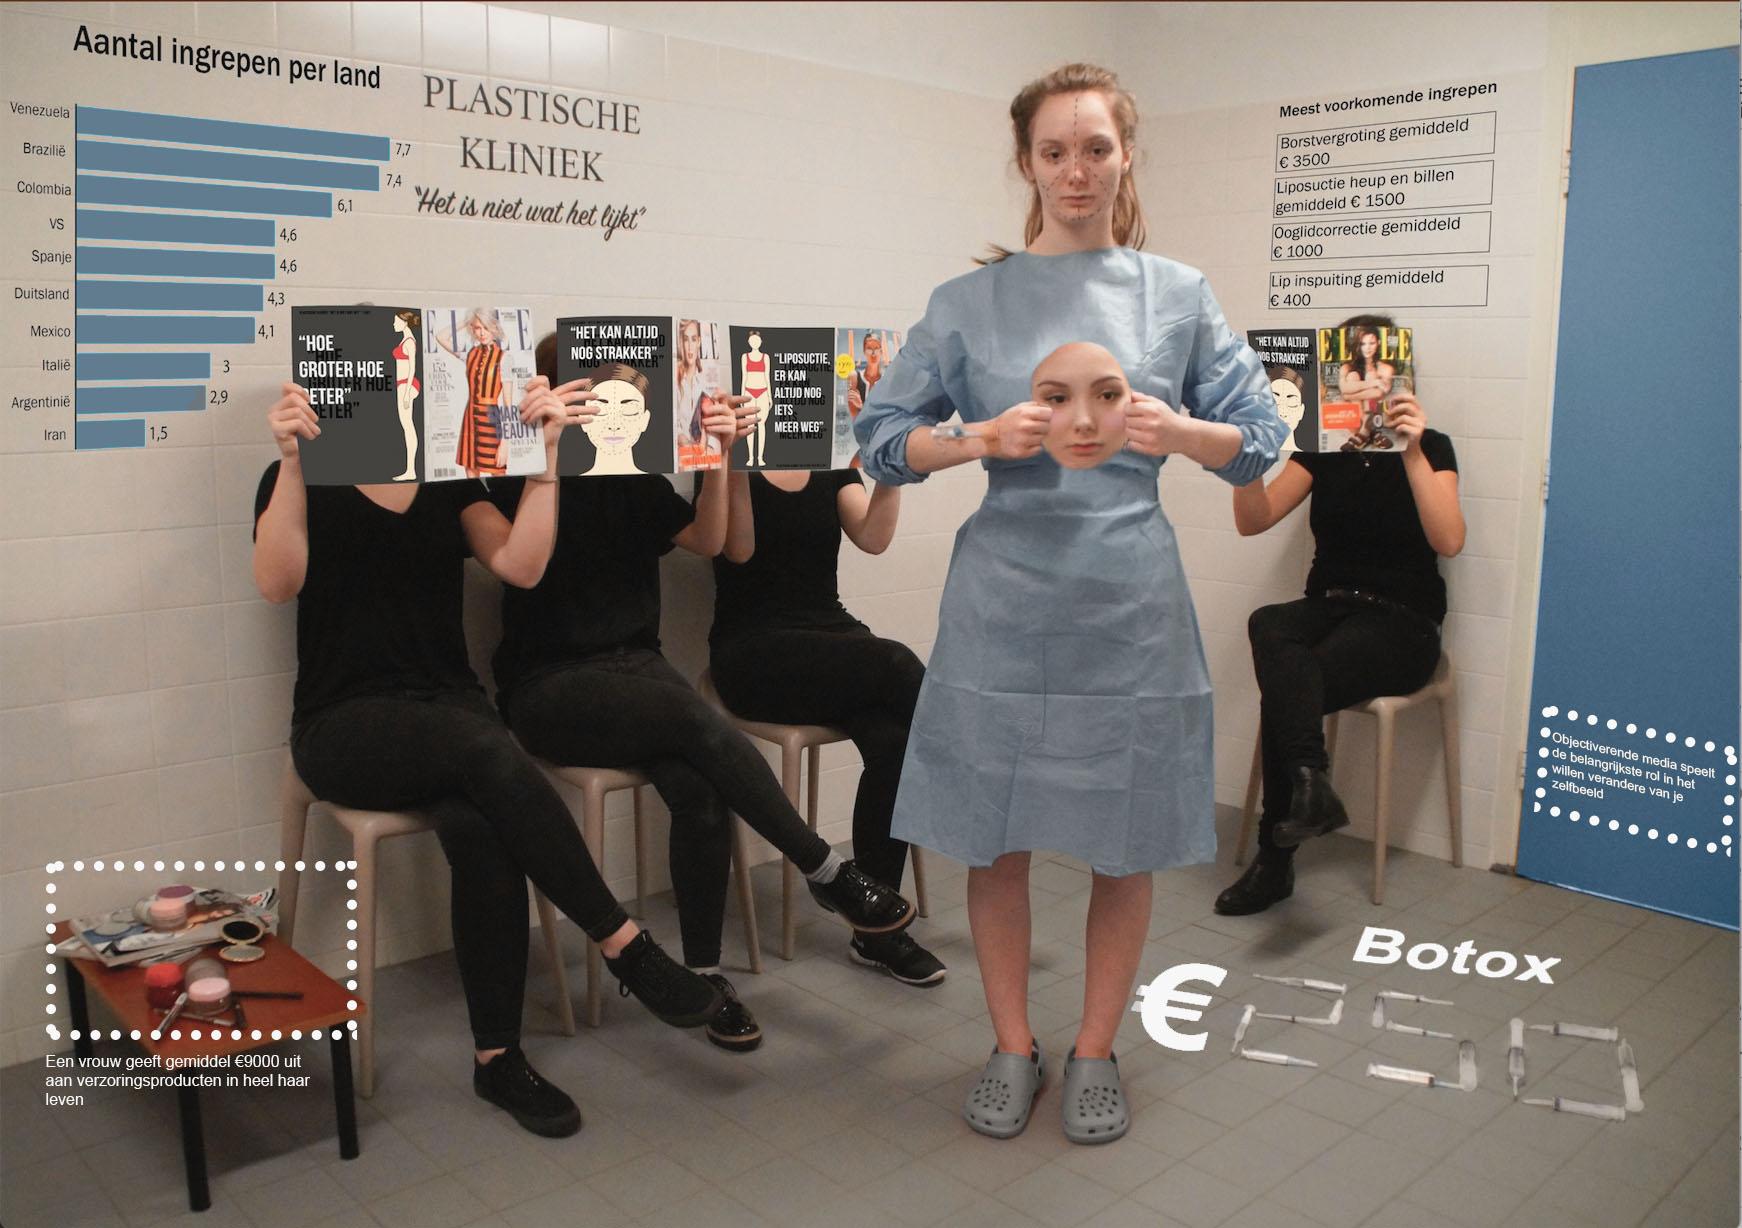 Verzorgingstehuis wordt tijdelijk 'botoxkliniek'